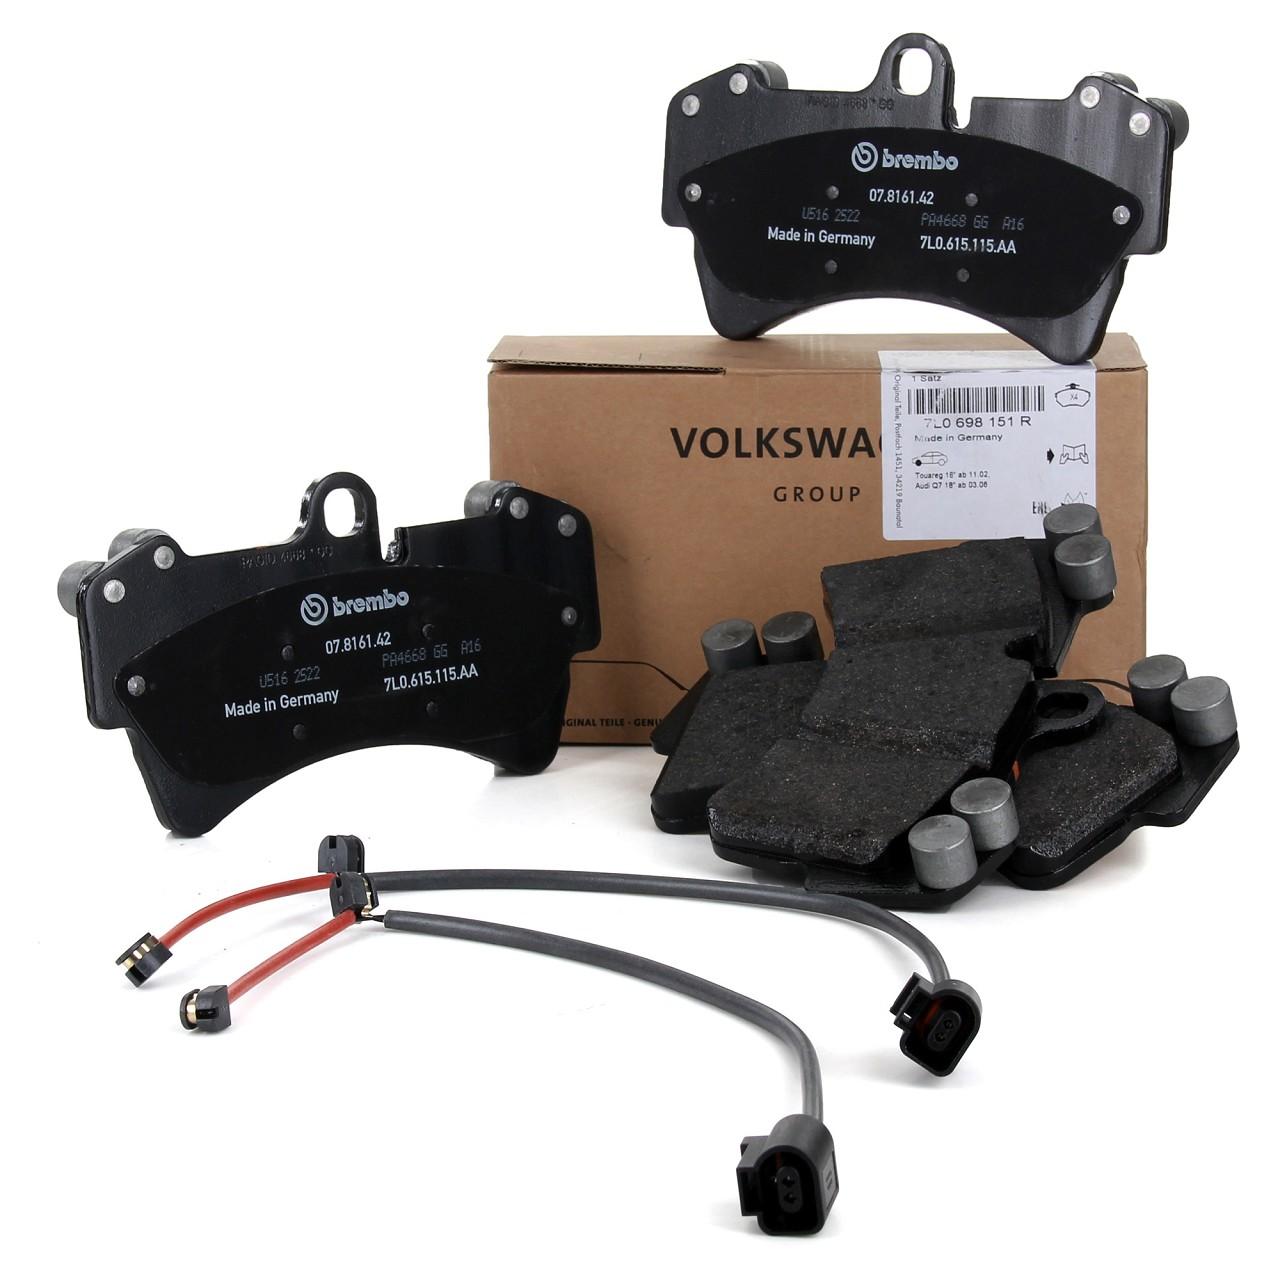 ORIGINAL Audi VW Bremsbeläge + Wako Q7 (4L) TOUAREG (7L) 1LF vorne 7L0698151R